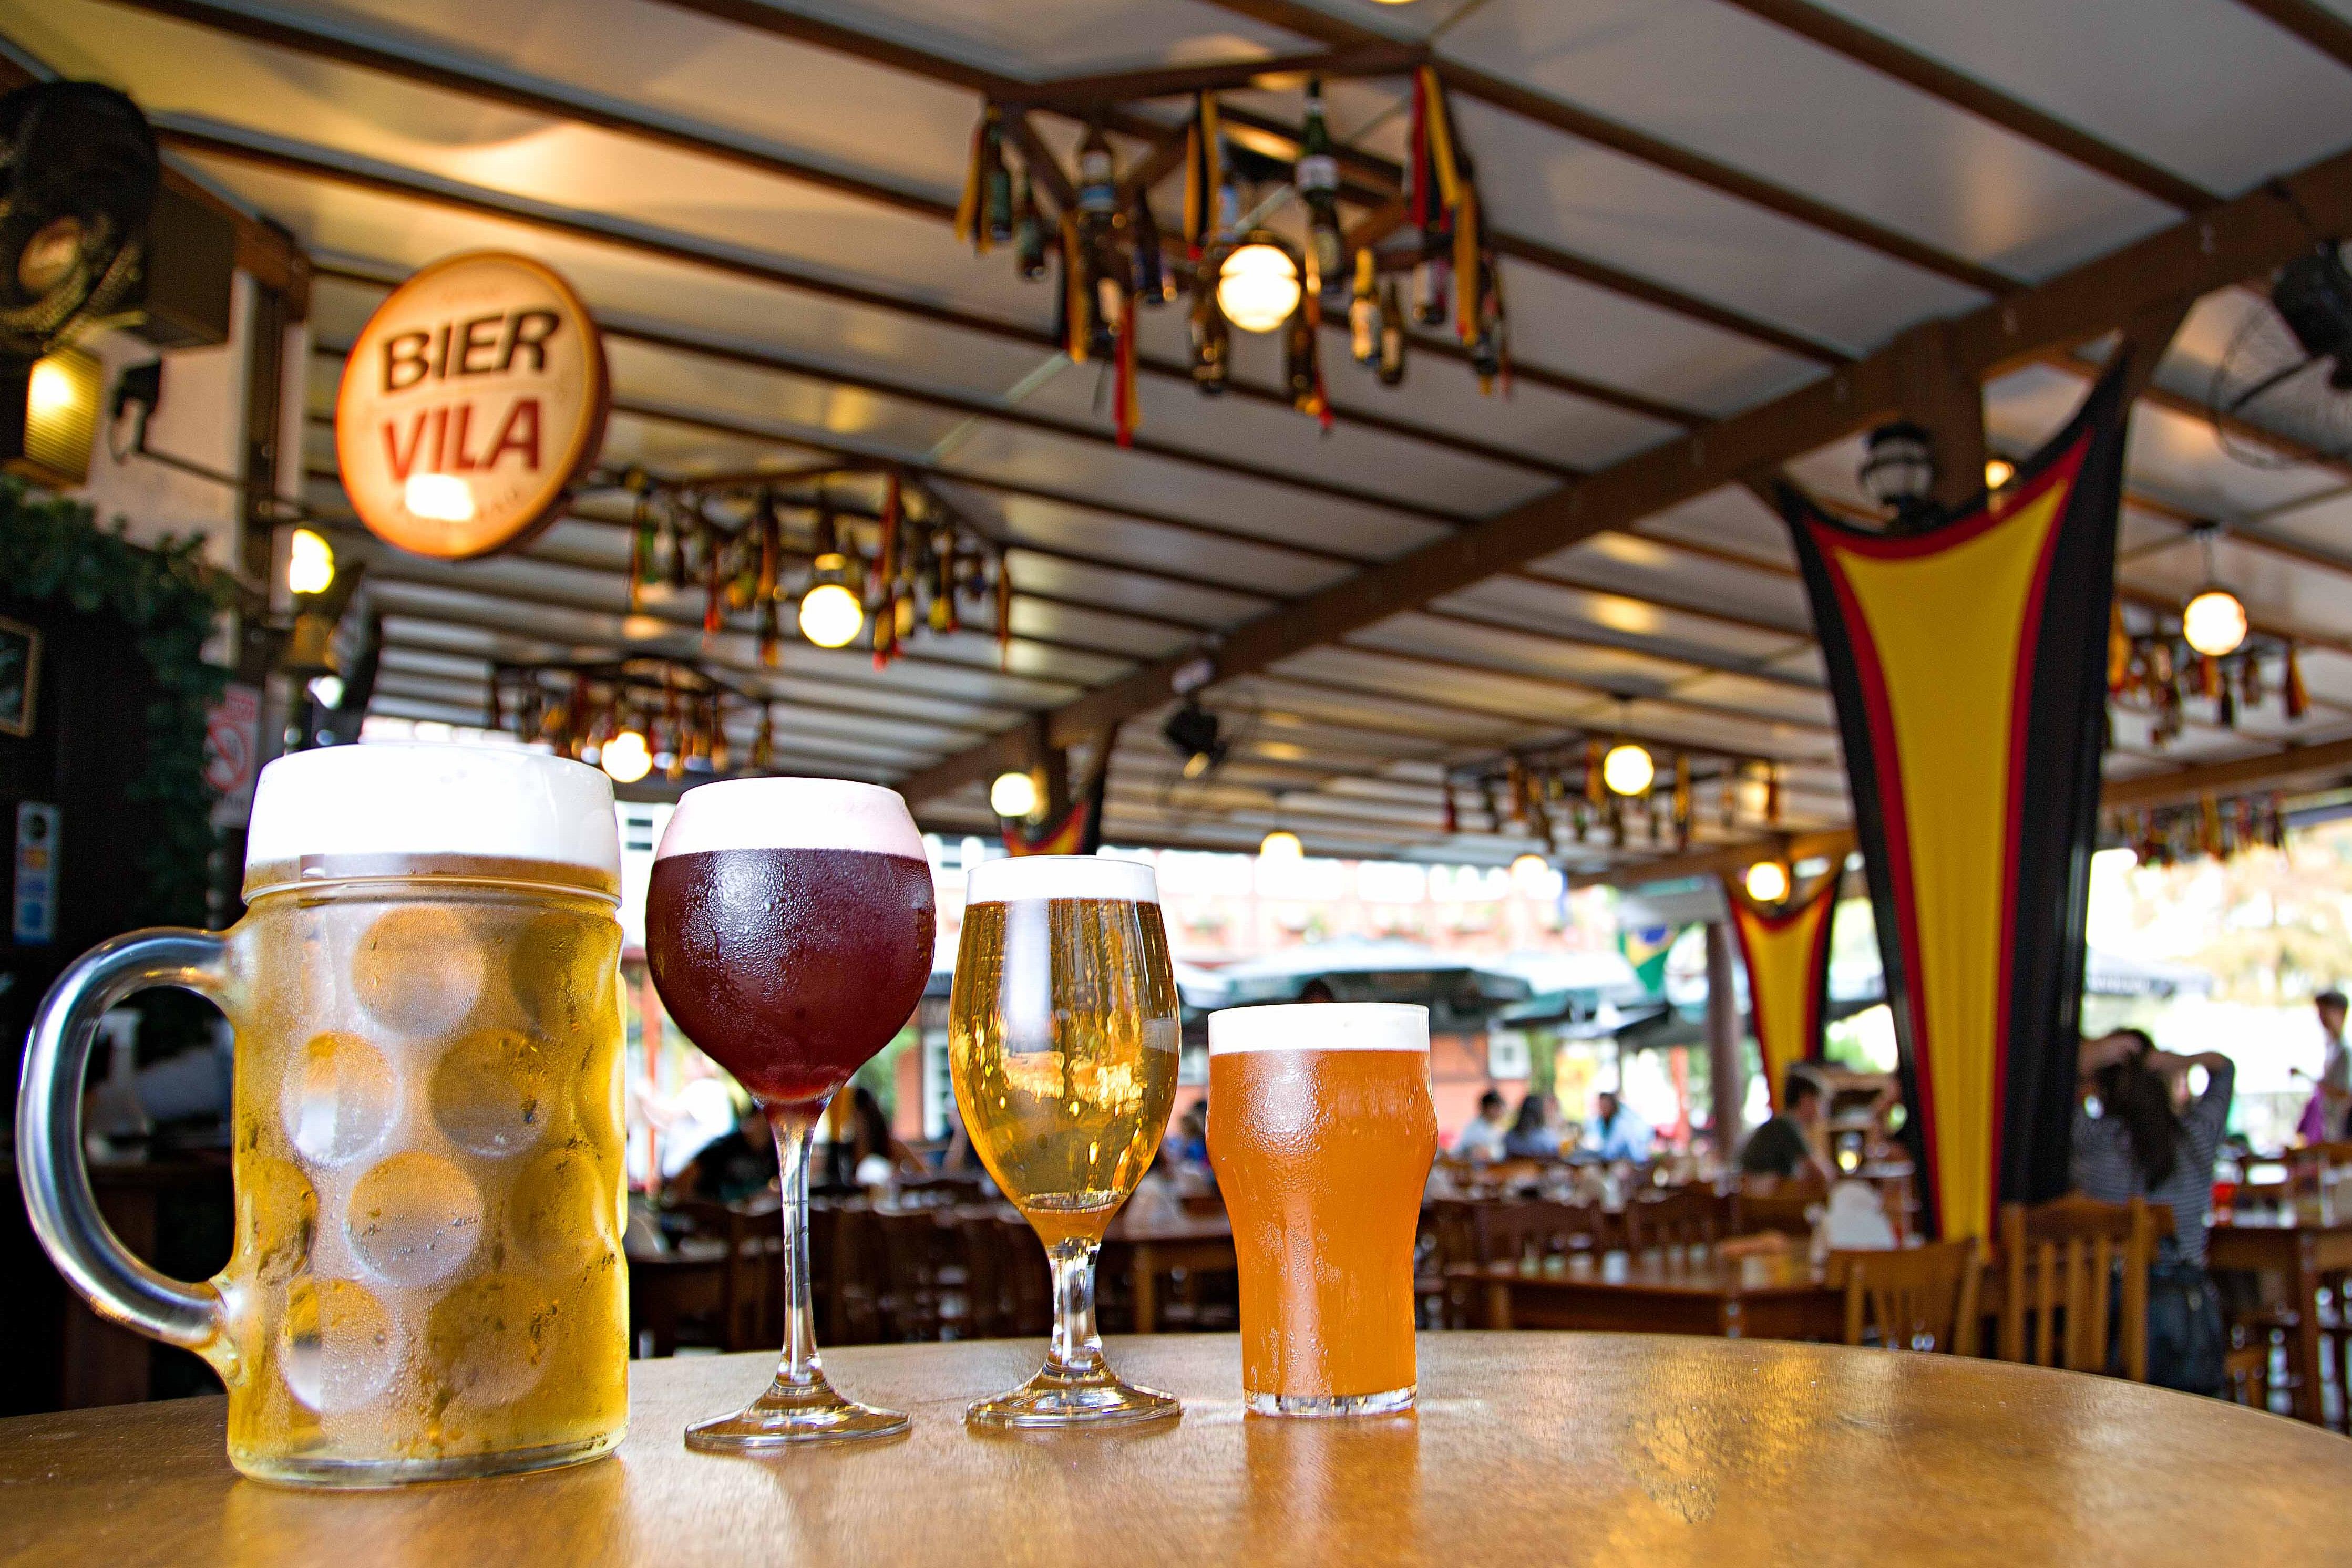 Bier Vila mantém mais de 30 rótulos de cervejas durante a Oktoberfest